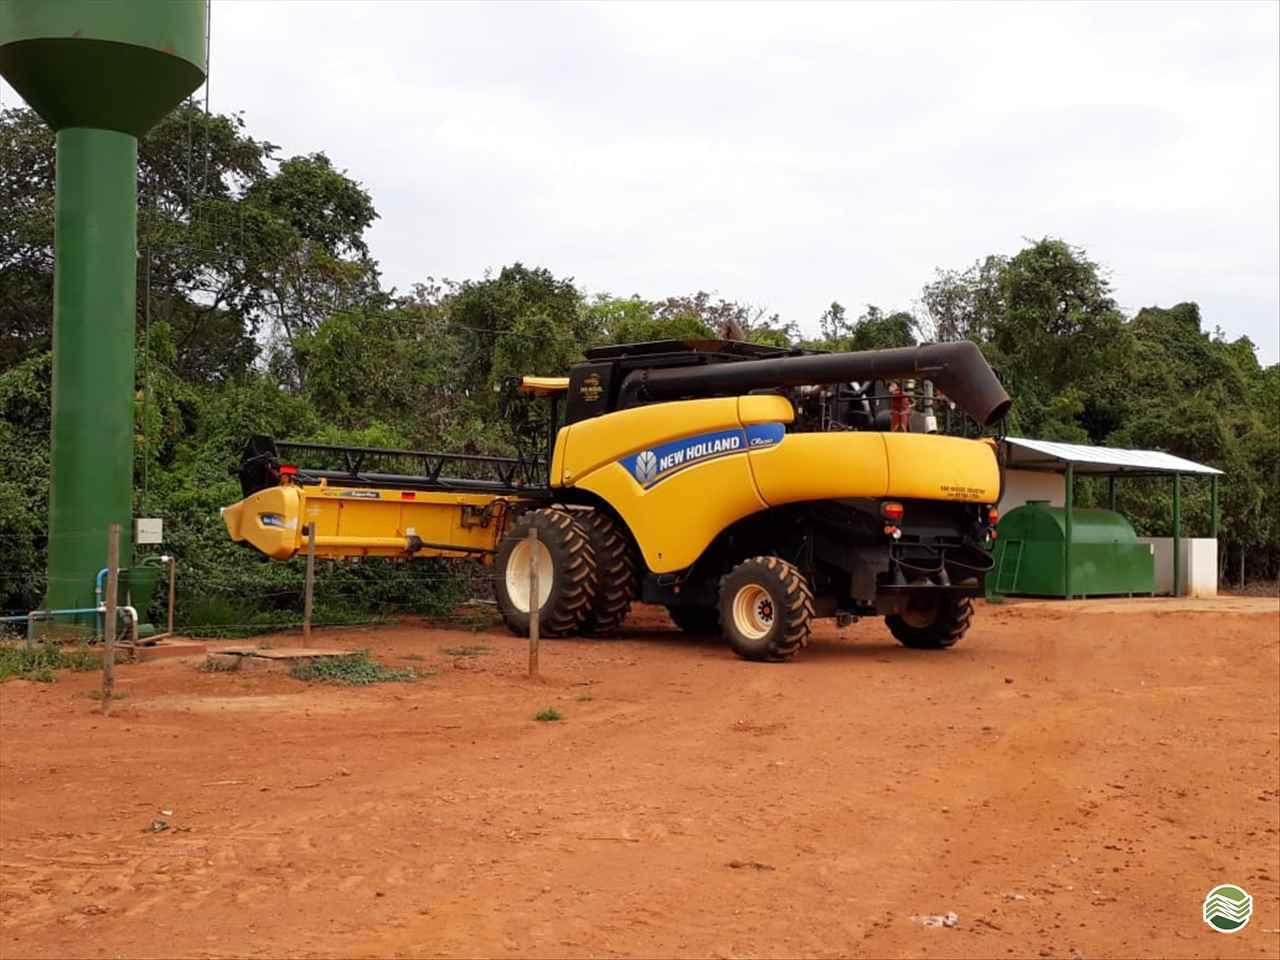 COLHEITADEIRA NEW HOLLAND CR 6080 Gama Máquinas Agrícolas RIO VERDE GOIAS GO